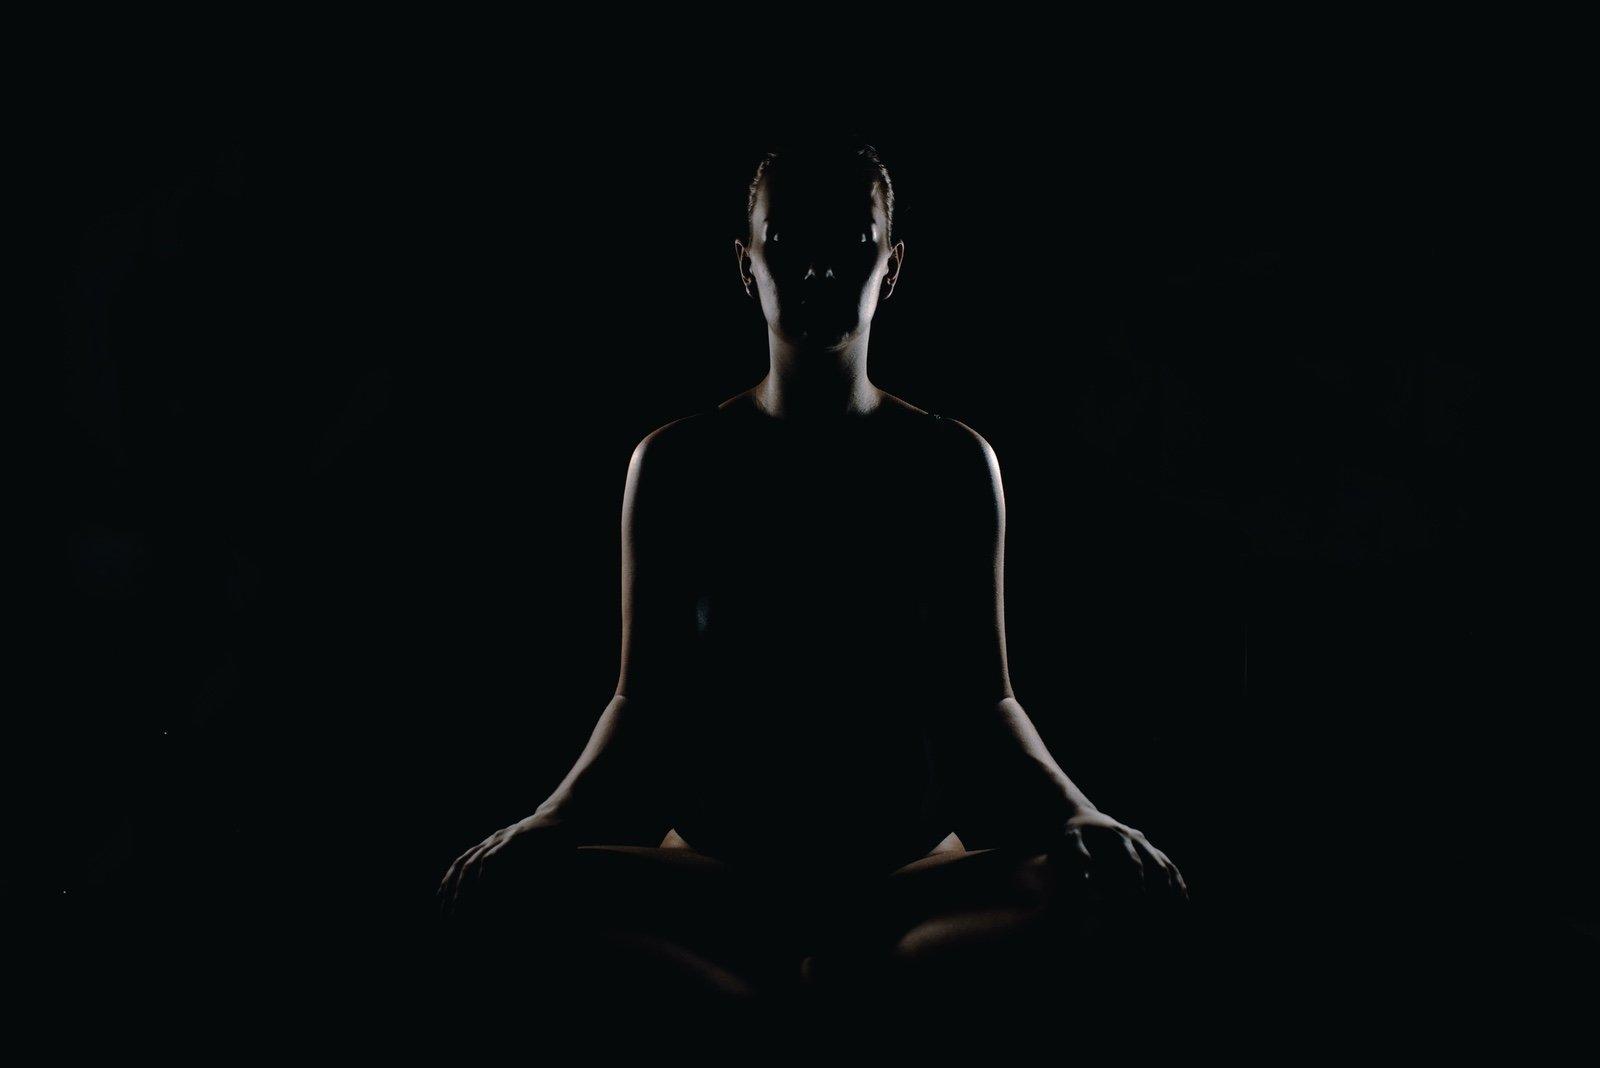 Vyzkoušejte si meditaci na vlastní kůži